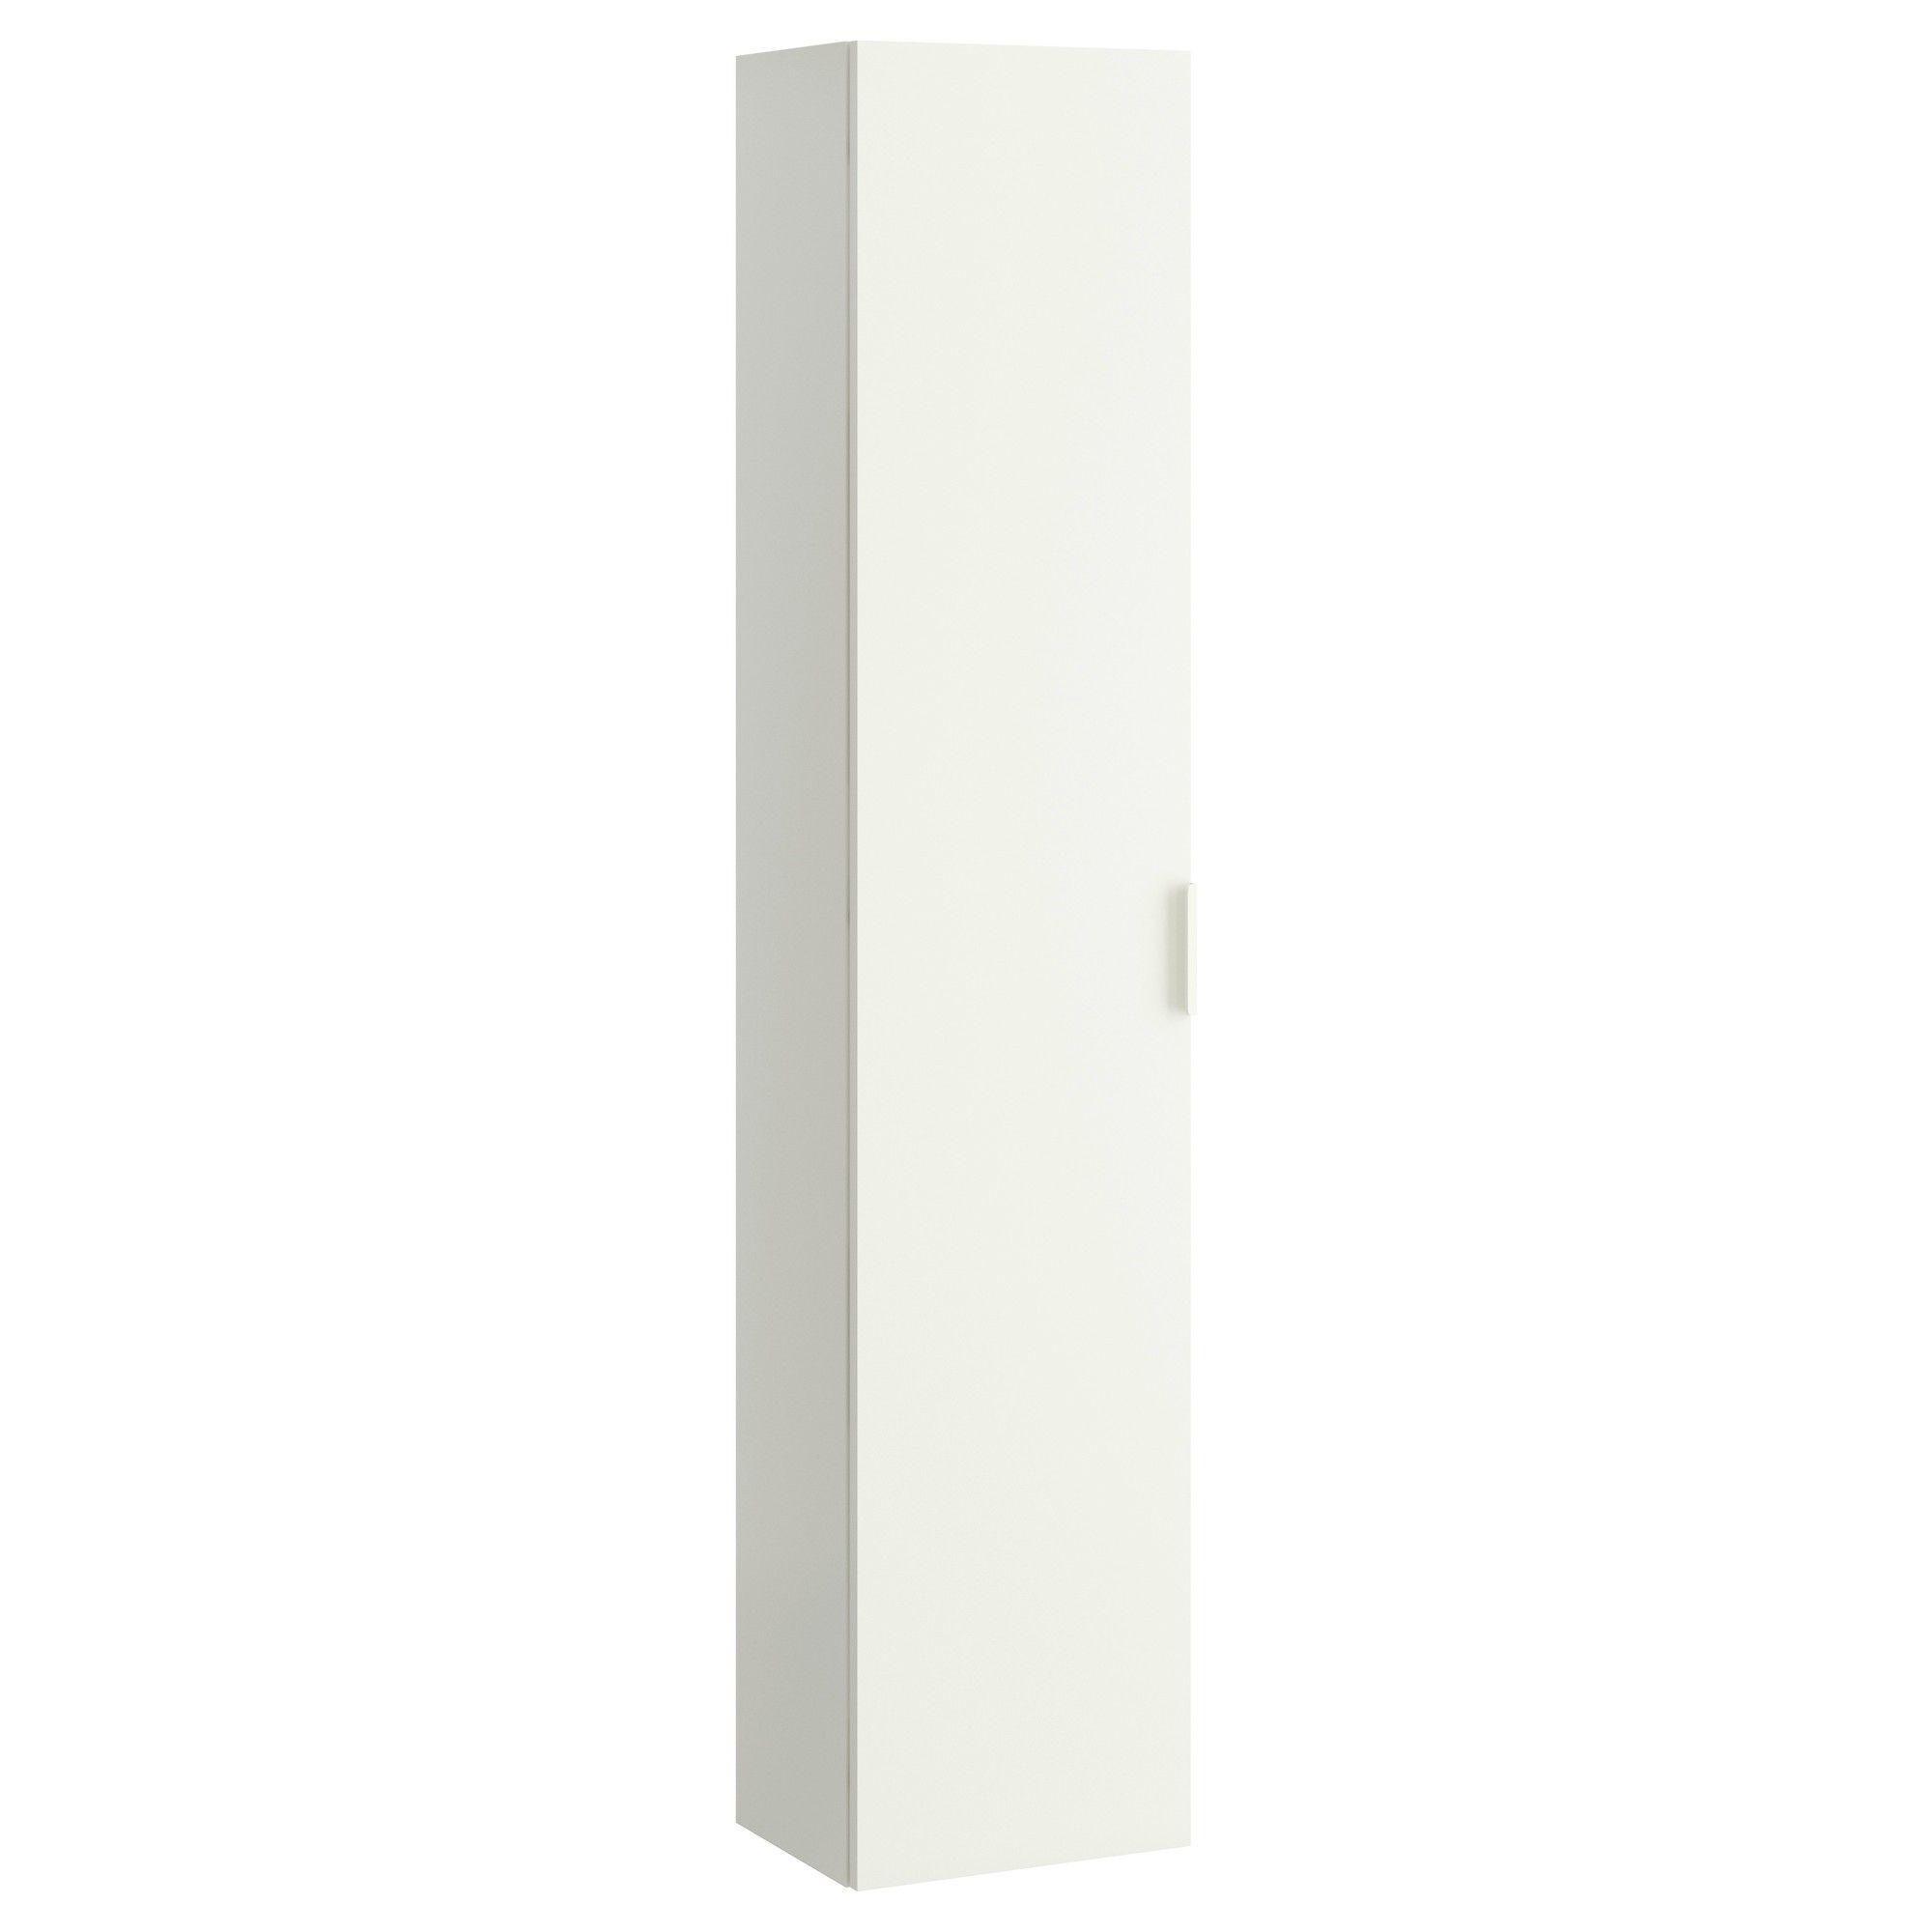 bathroom cabinets tall bathroom cabinets ikea from Bathroom High ...